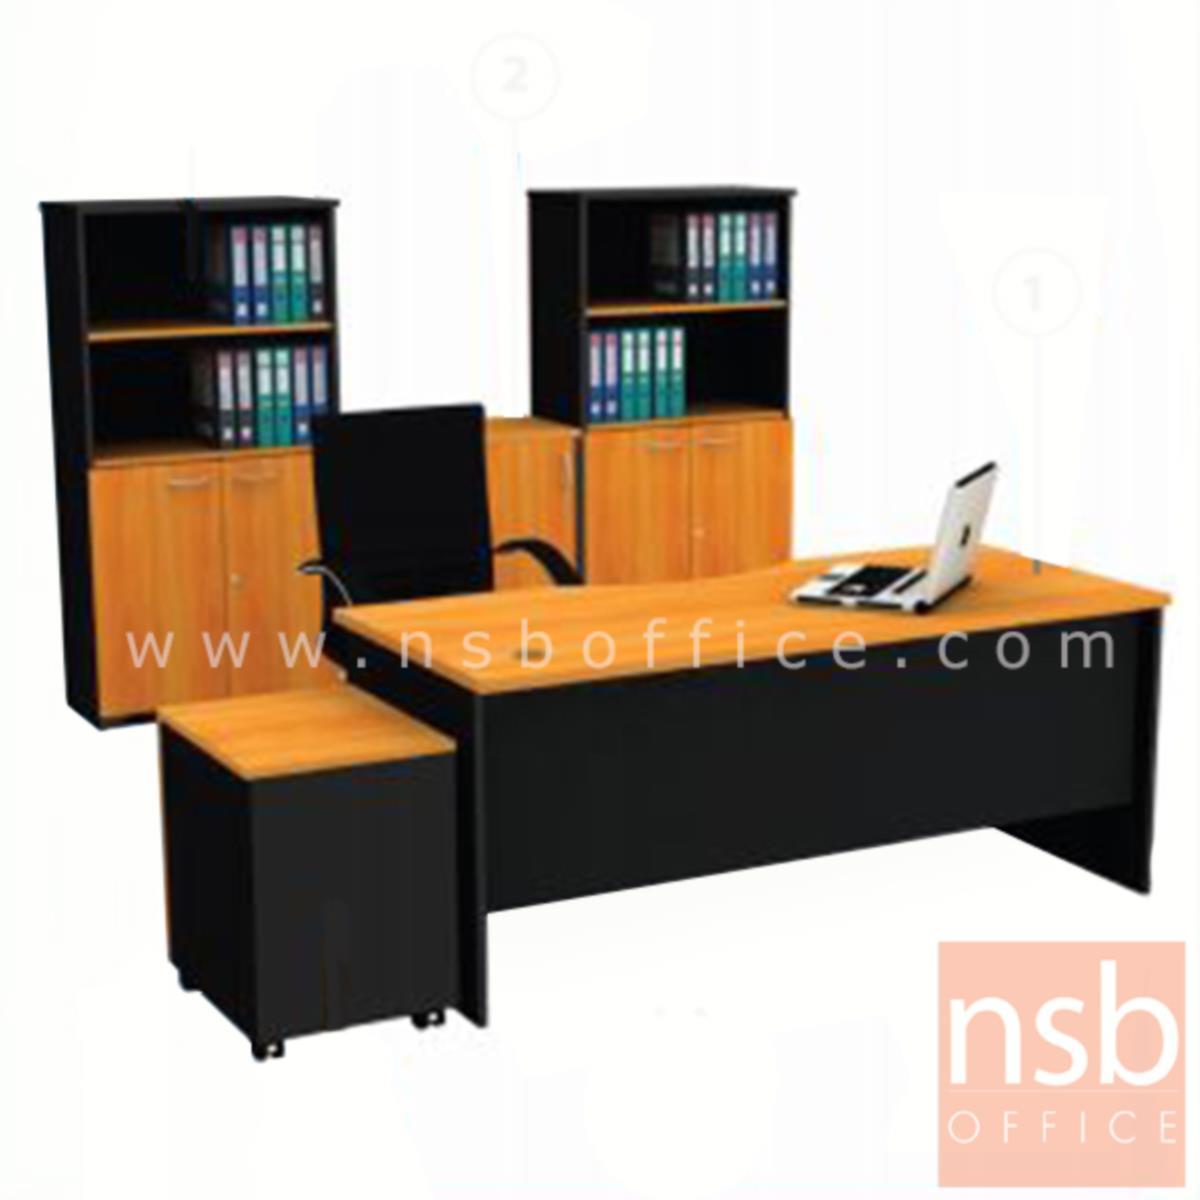 A13A005:โต๊ะผู้บริหารหน้าโค้ง  รุ่น Blagden (แบลกเดน) ขนาด 180W cm. สีเชอร์รี่ดำ